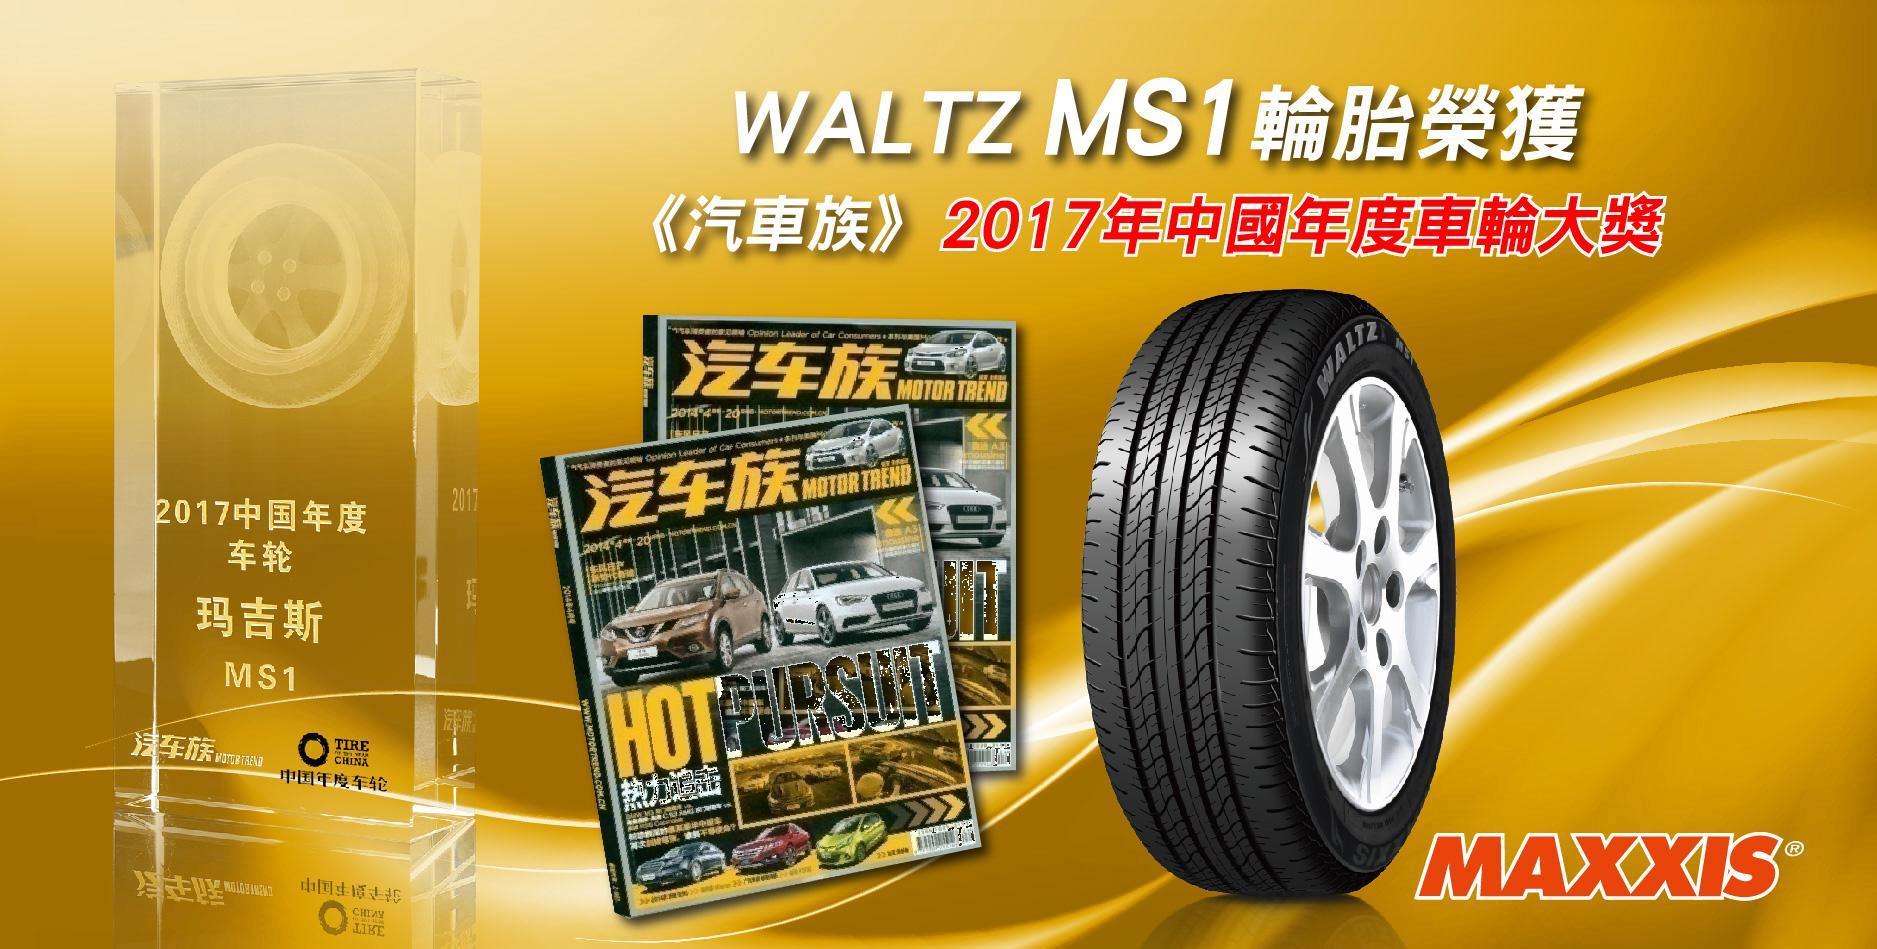 Новая Maxxis Waltz MS1 признана «Шиной года» в Китае